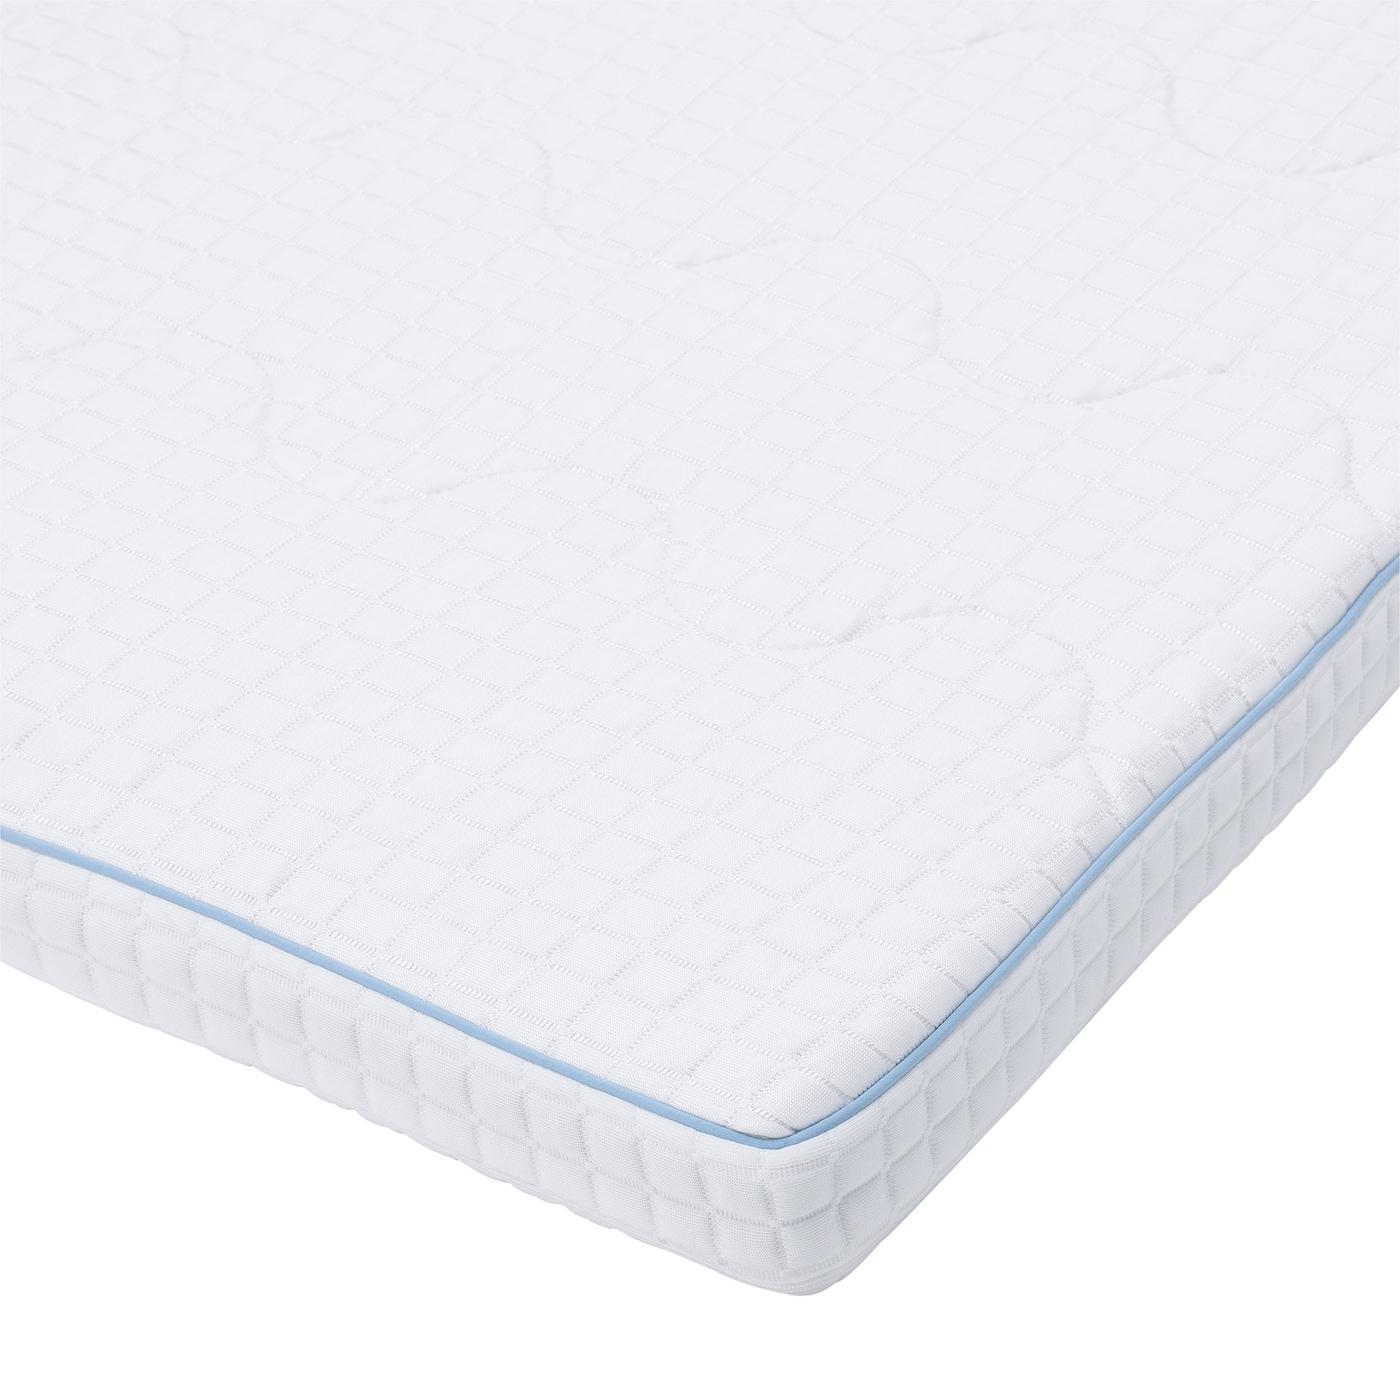 Ikea KNAPSTAD Mattress topper, white, Queen